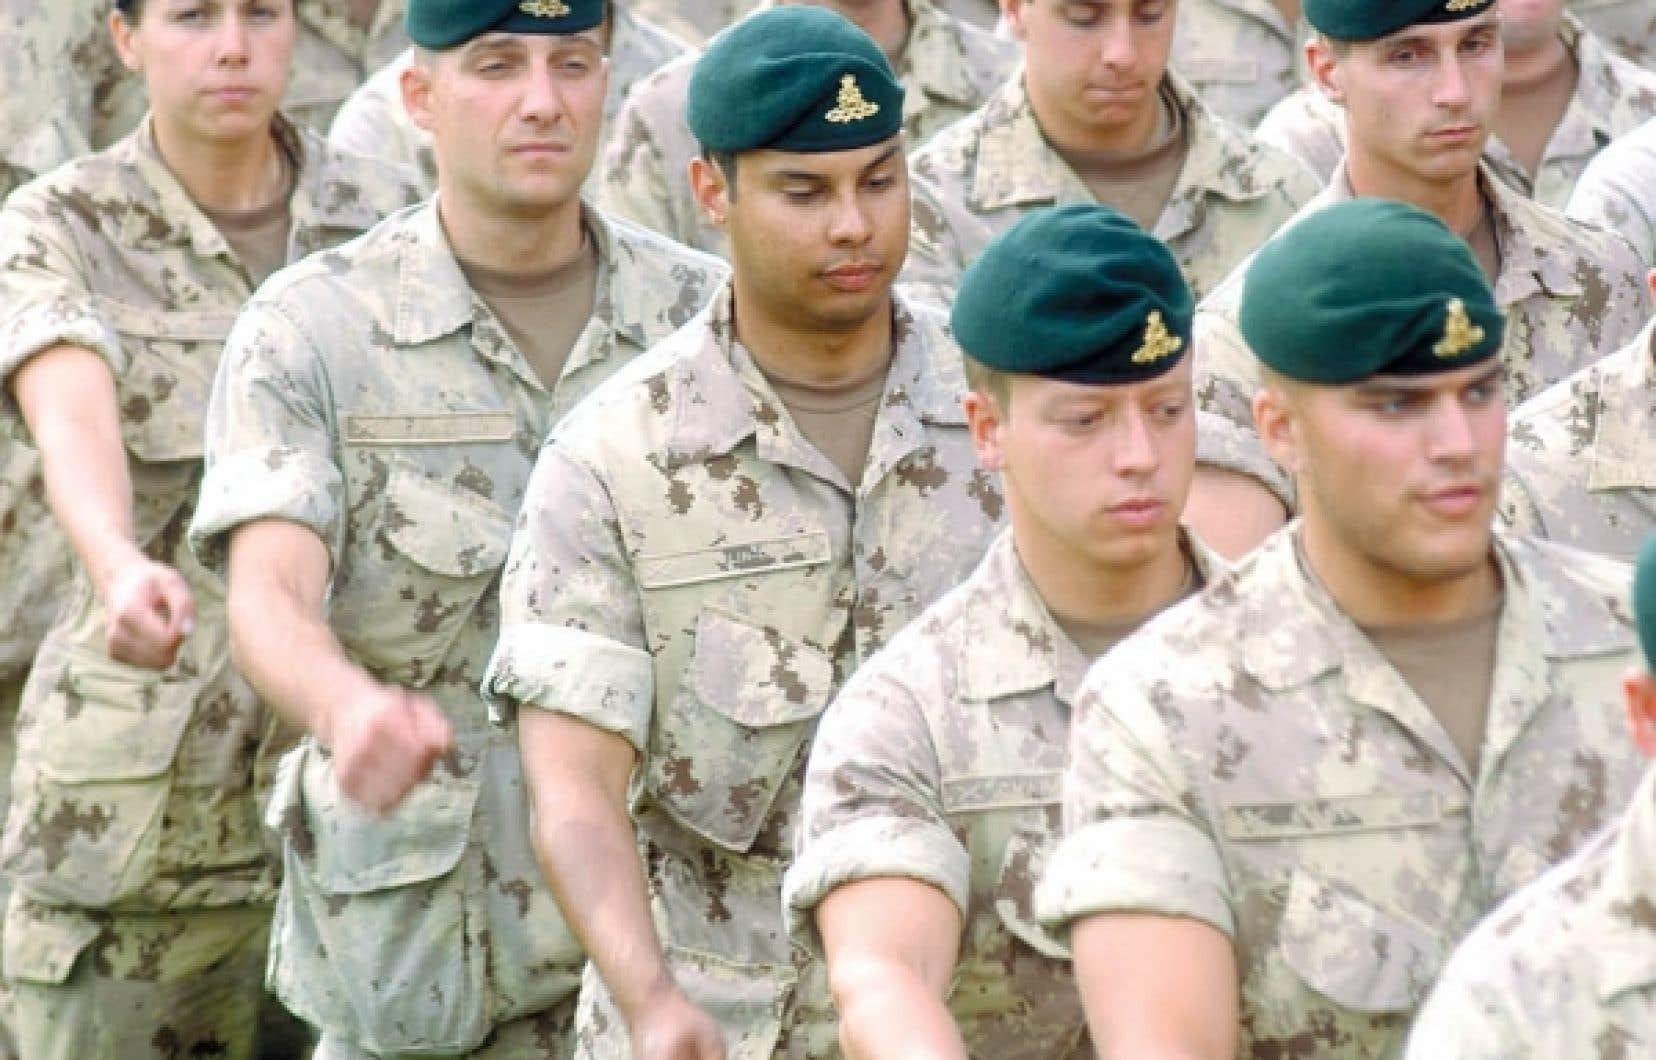 Juillet 2007, des soldats du Royal 22e R&eacute;giment, bas&eacute; &agrave; Valcartier, d&eacute;filent dans les rues de Montr&eacute;al quelques jours avant de s&rsquo;envoler pour l&rsquo;Afghanistan.<br />